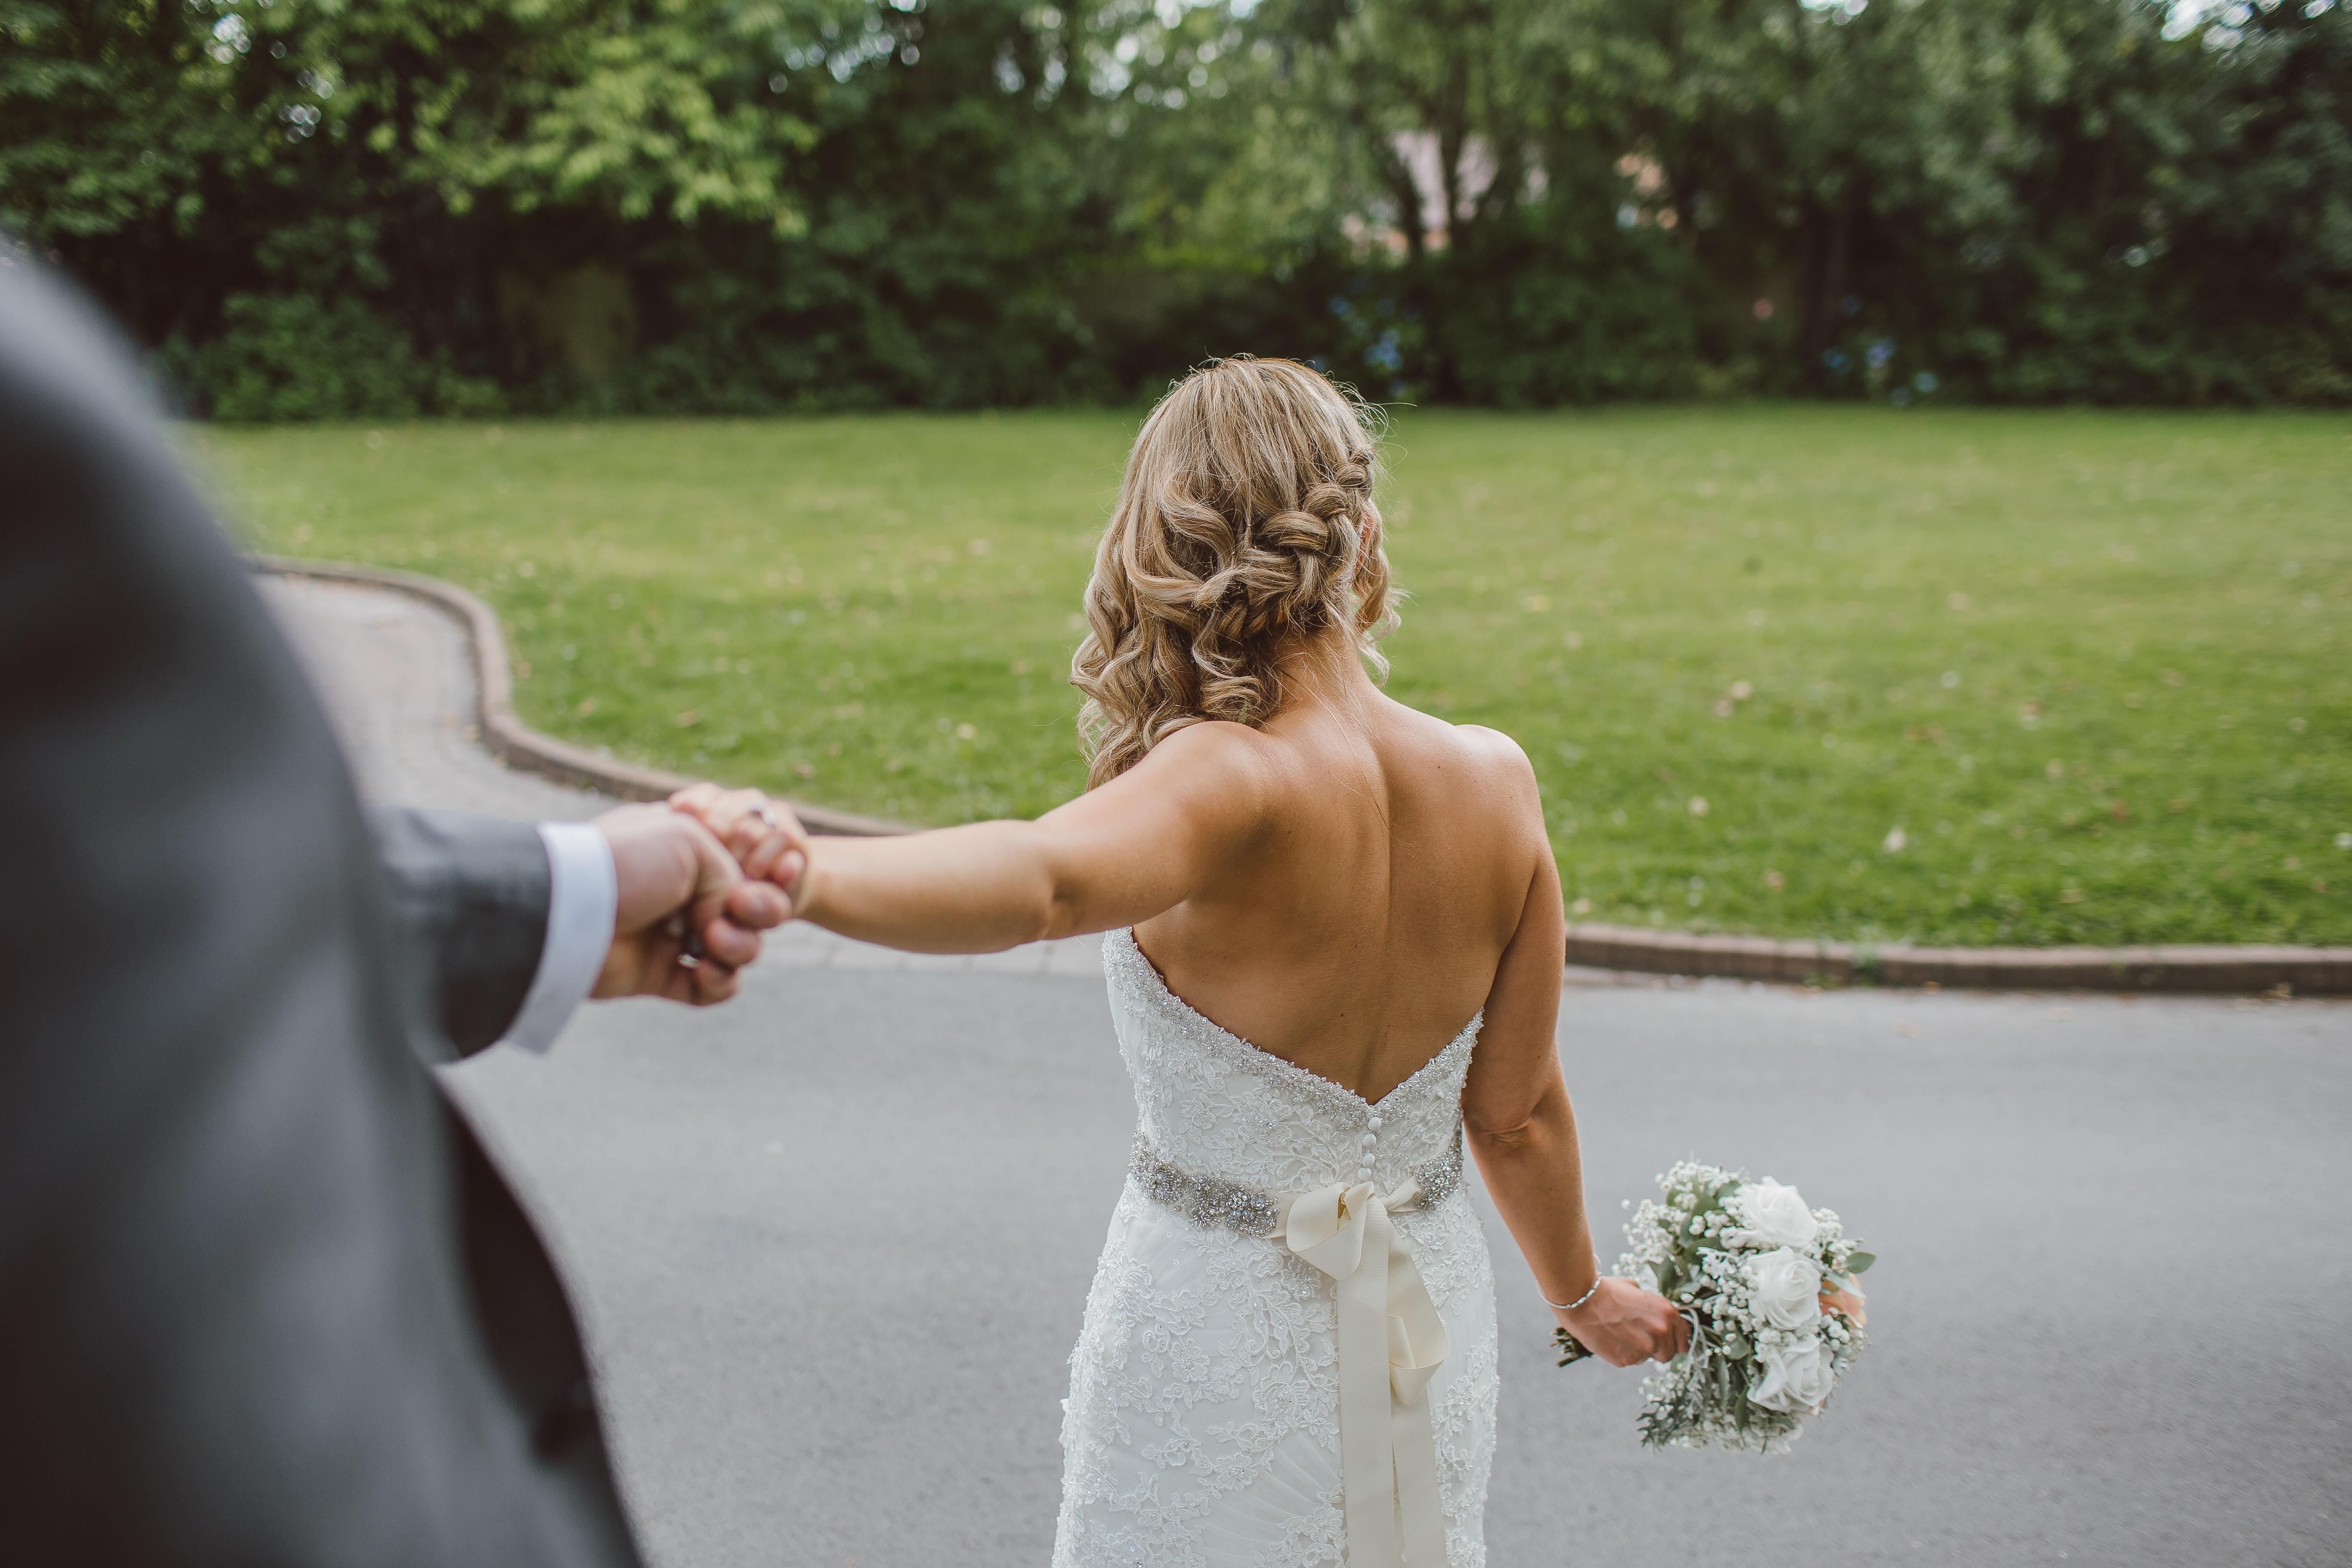 Tendencias en peinados para bodas